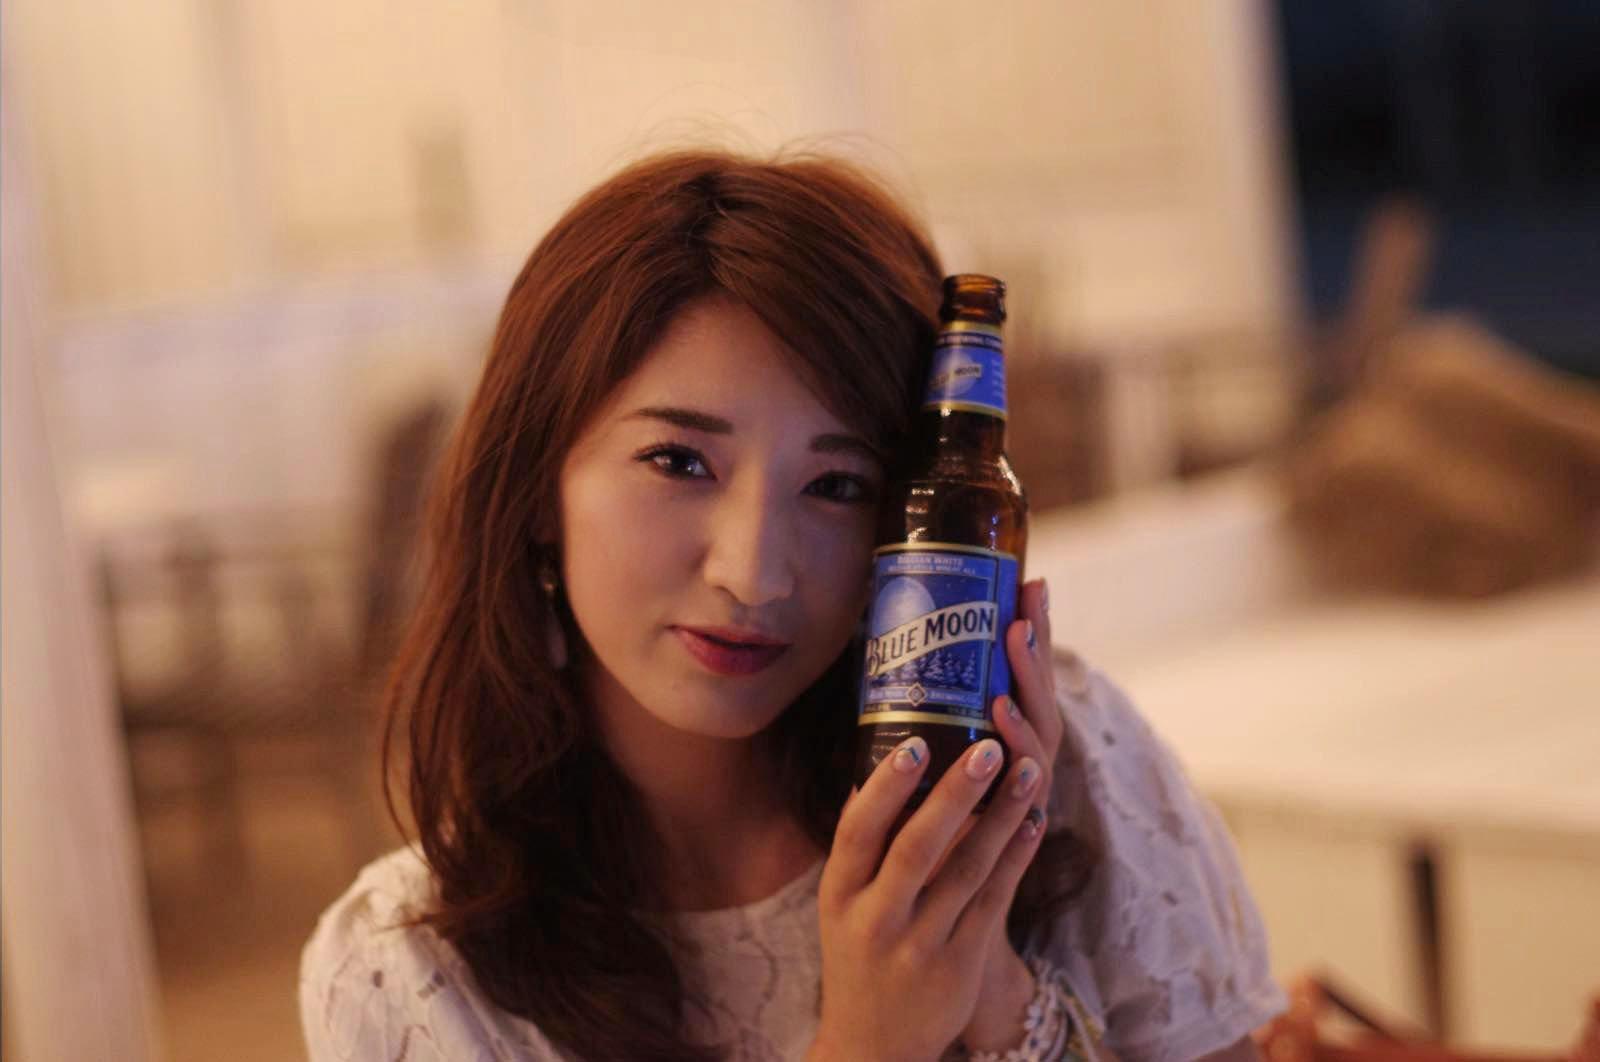 美人×麦酒 みずほさん